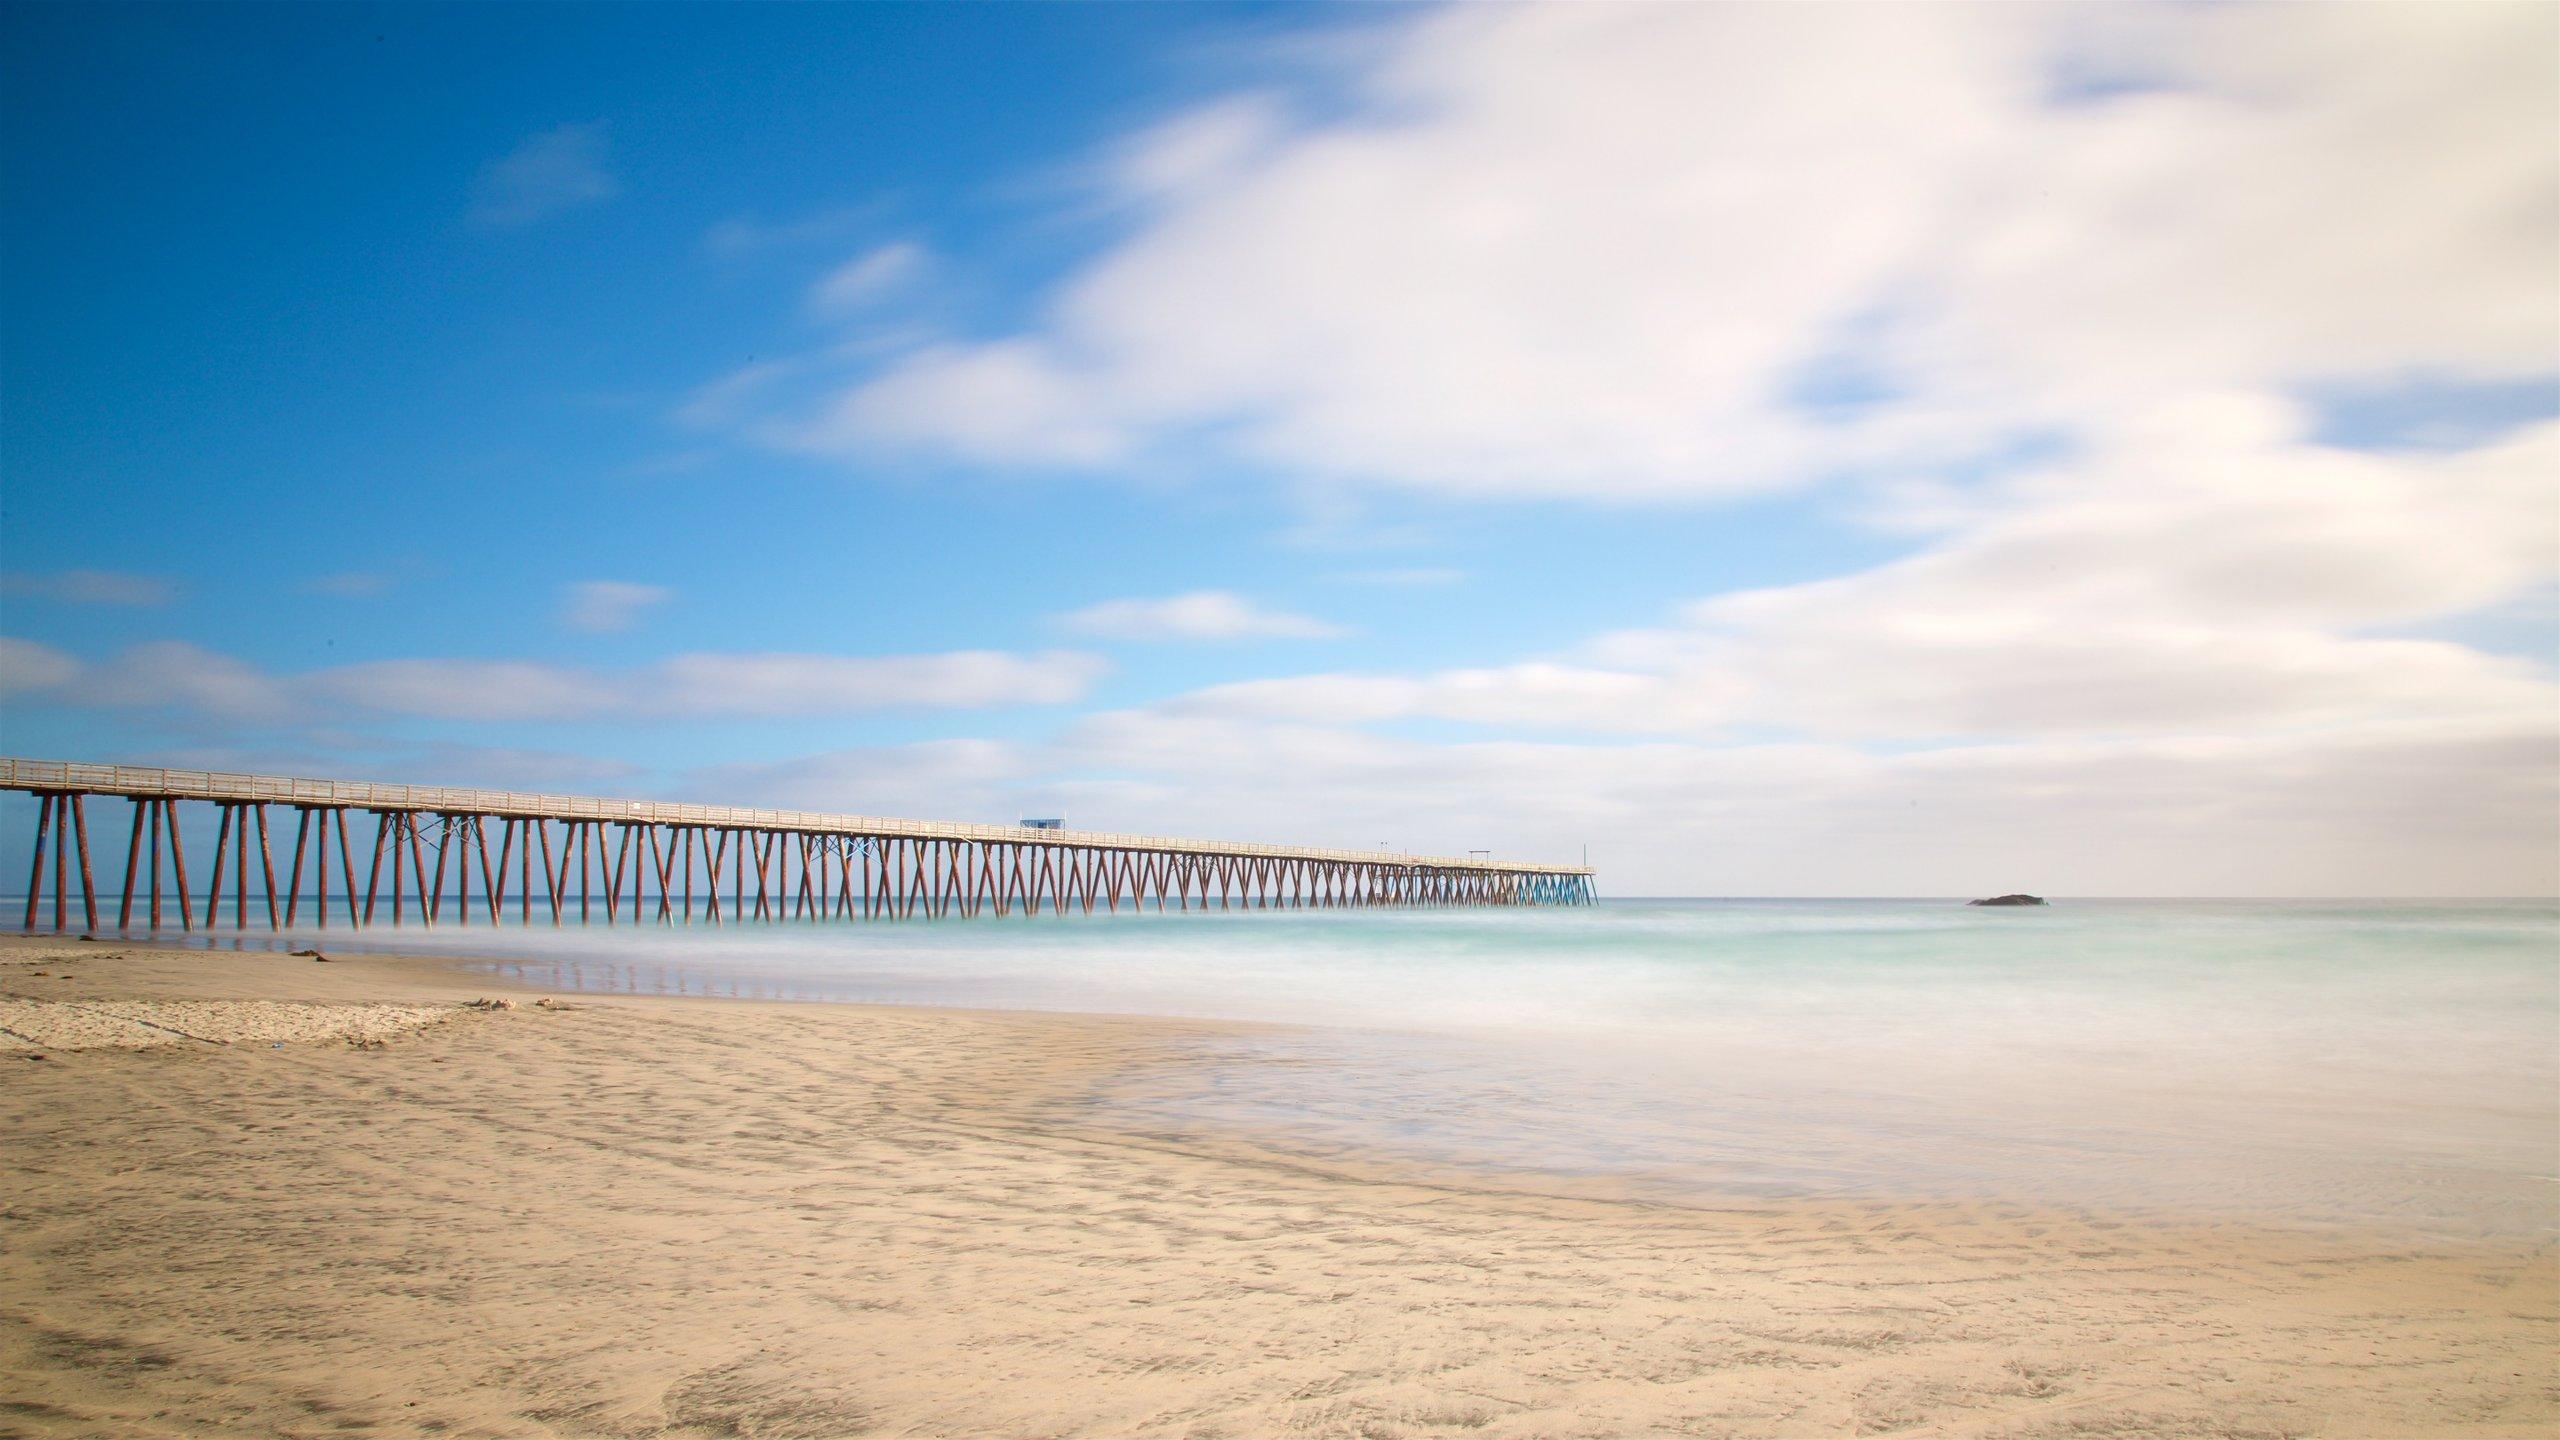 Rosarito Beach, Playas de Rosarito, Baja California, Mexico